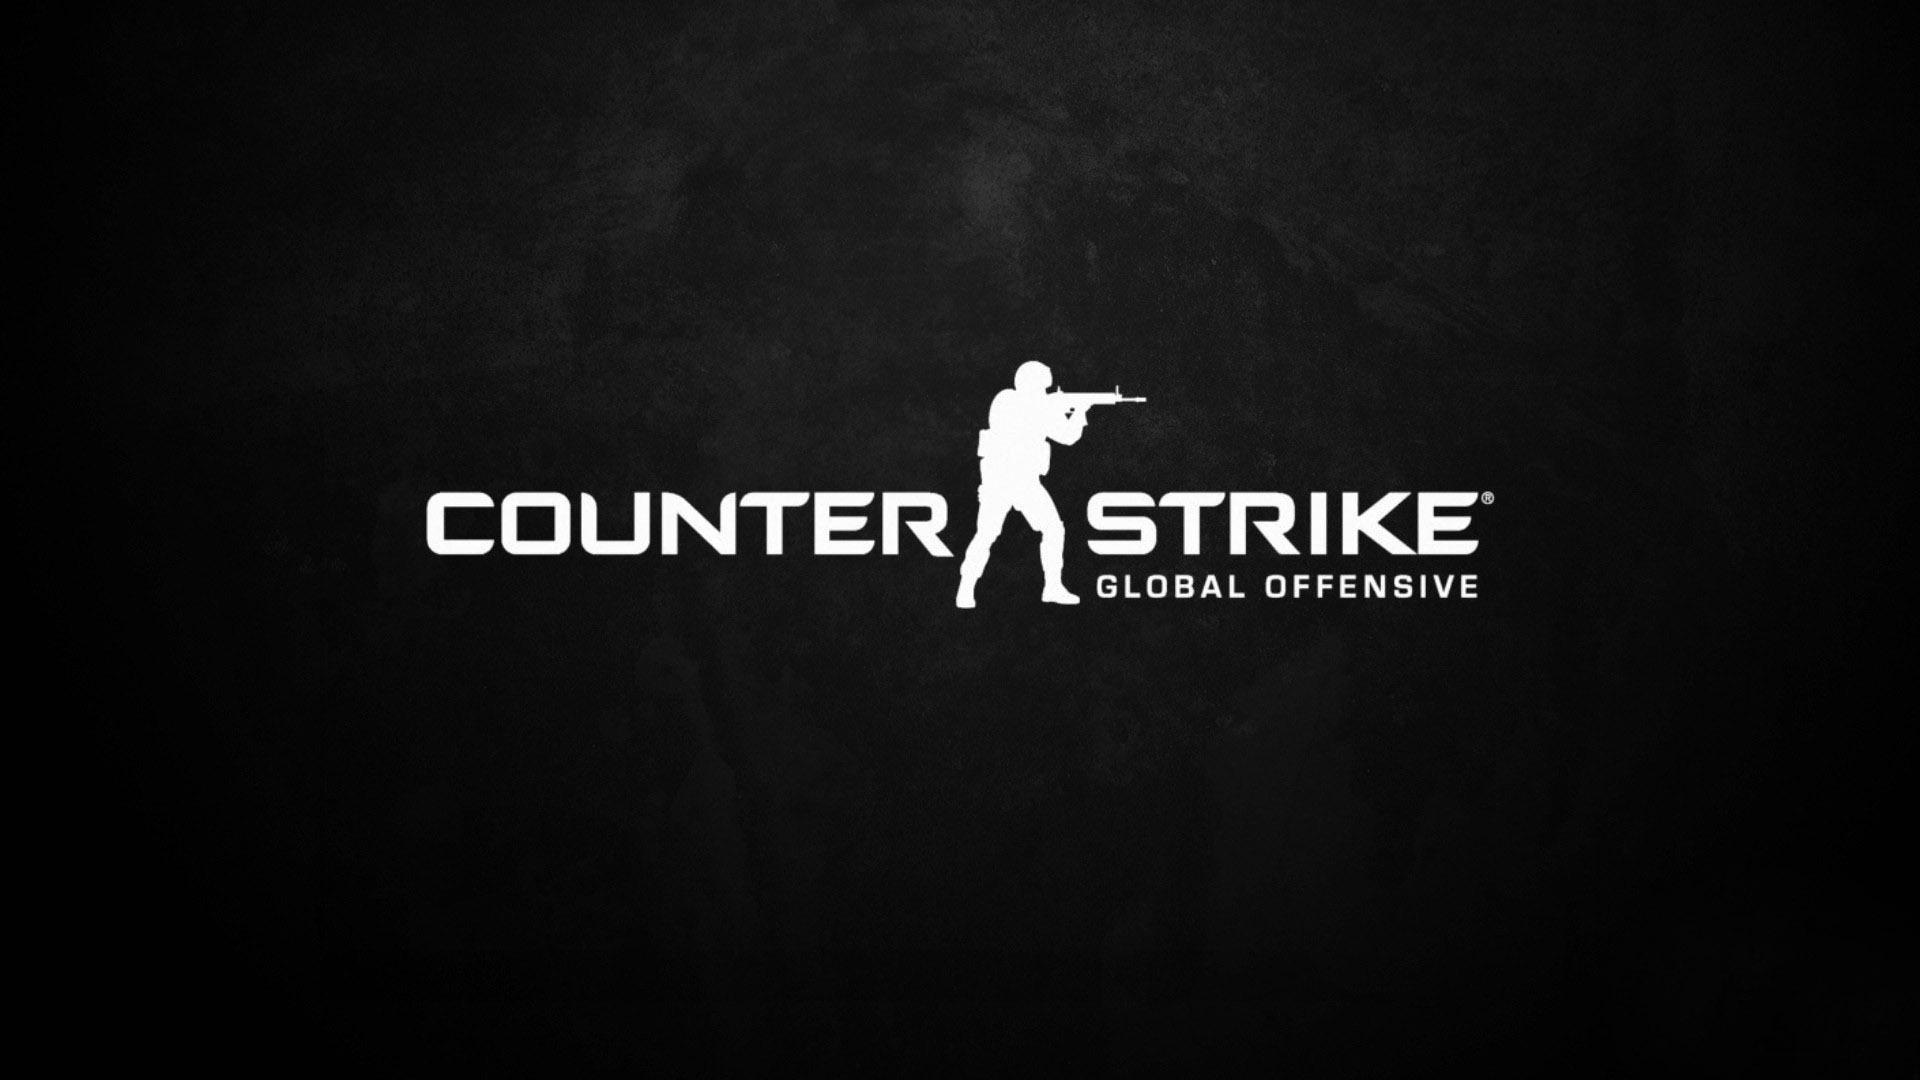 counter strike logo game hd wallpaper 1920x1080 8945 1920x1080